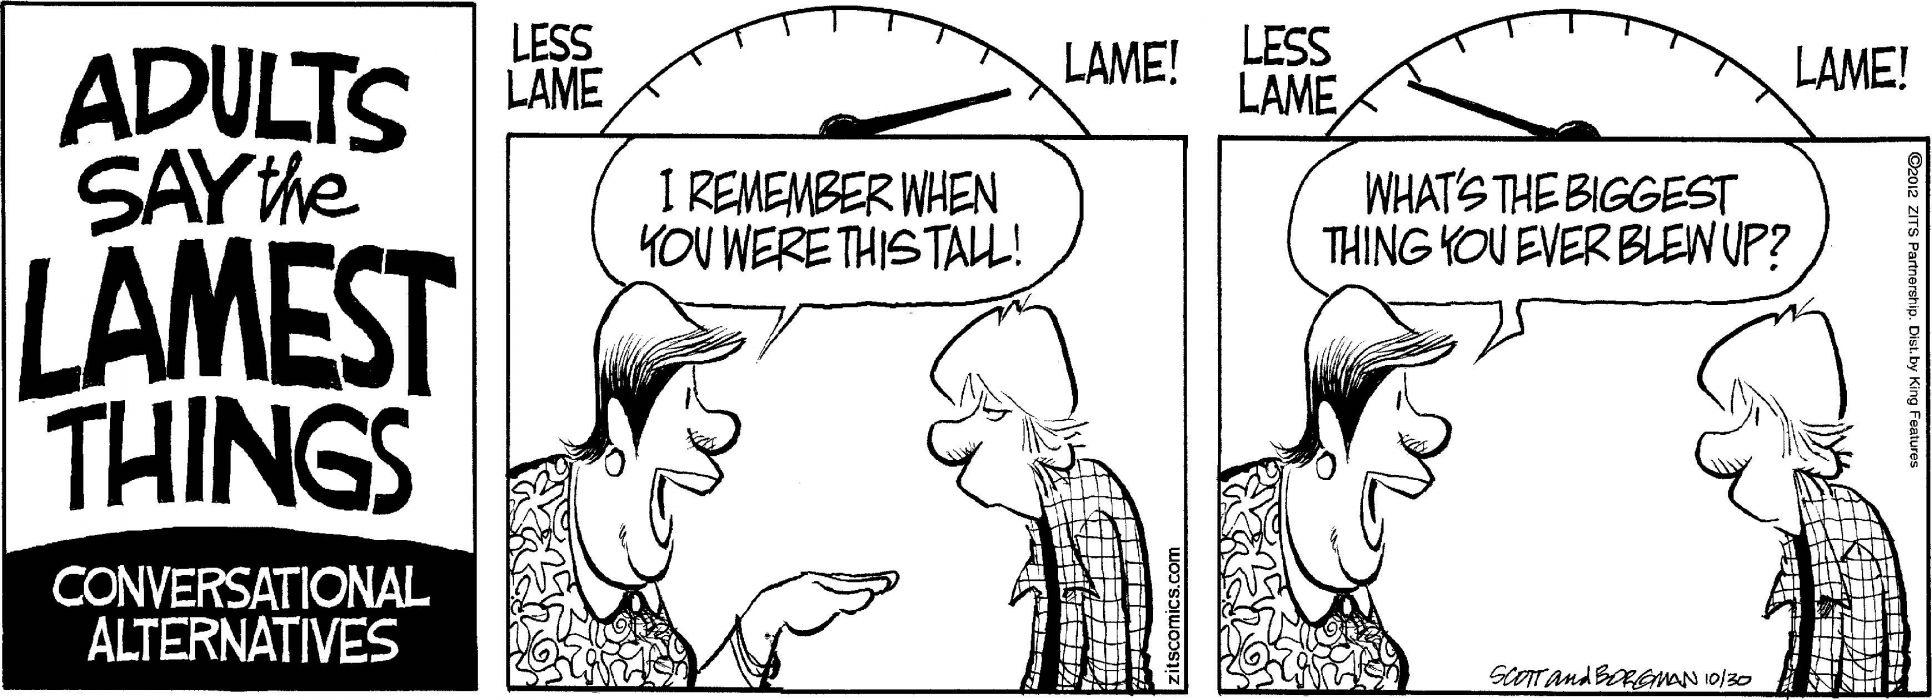 ZITS comicstrip humor funny (37) wallpaper